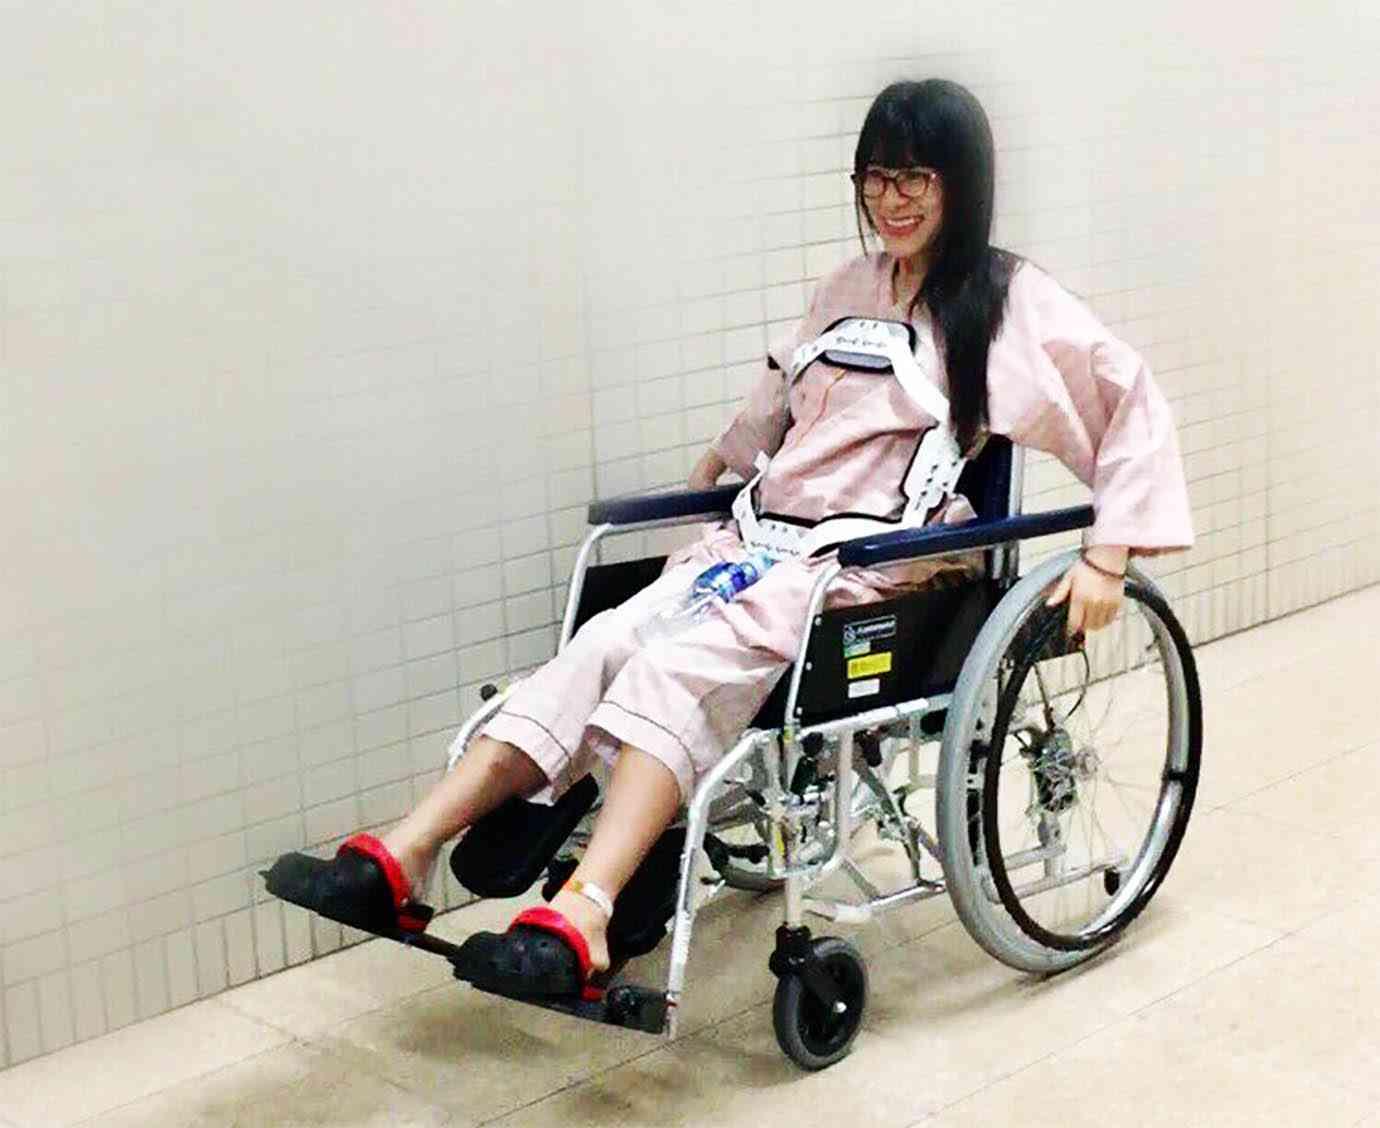 【大炎上】仮面女子アイドル猪狩ともかさんにライターが心無い発言をして炎上「車椅子アイドルとしての成功がほぼ約束された」 | バズプラスニュース Buzz+